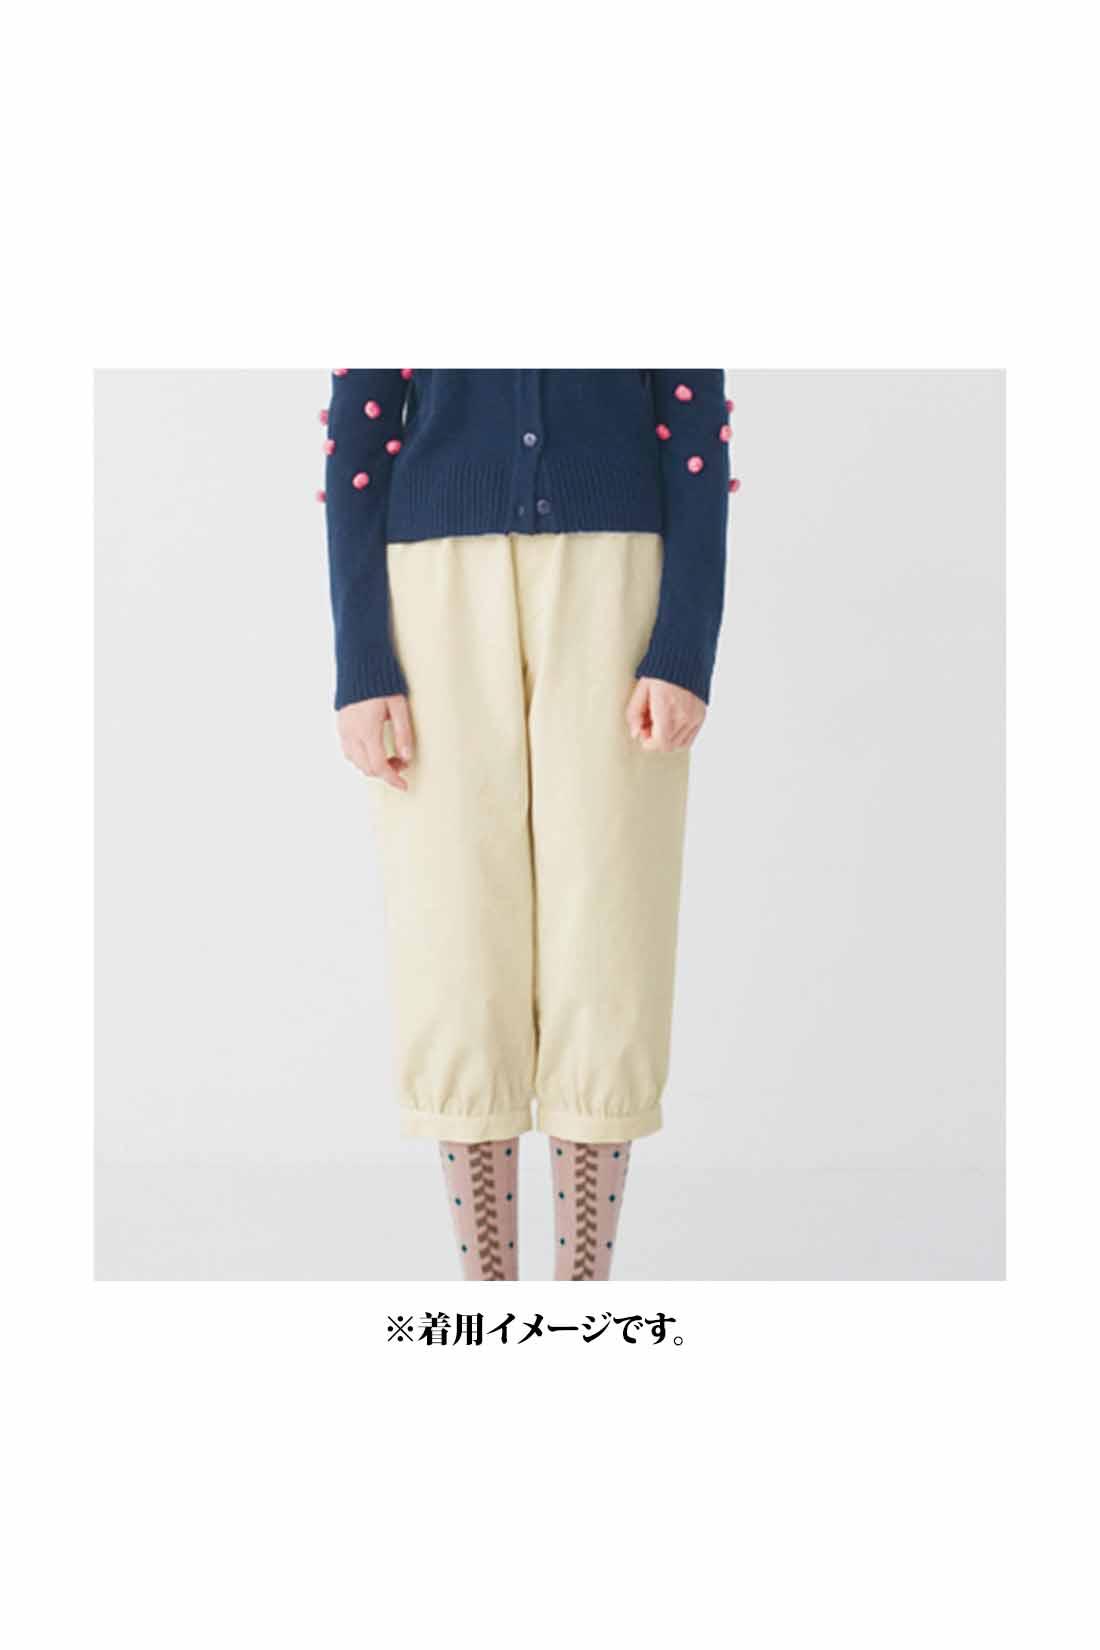 ほどよい厚みがあるので、一枚で着ることができます。 ※着用イメージです。お届けするカラーとは異なります。